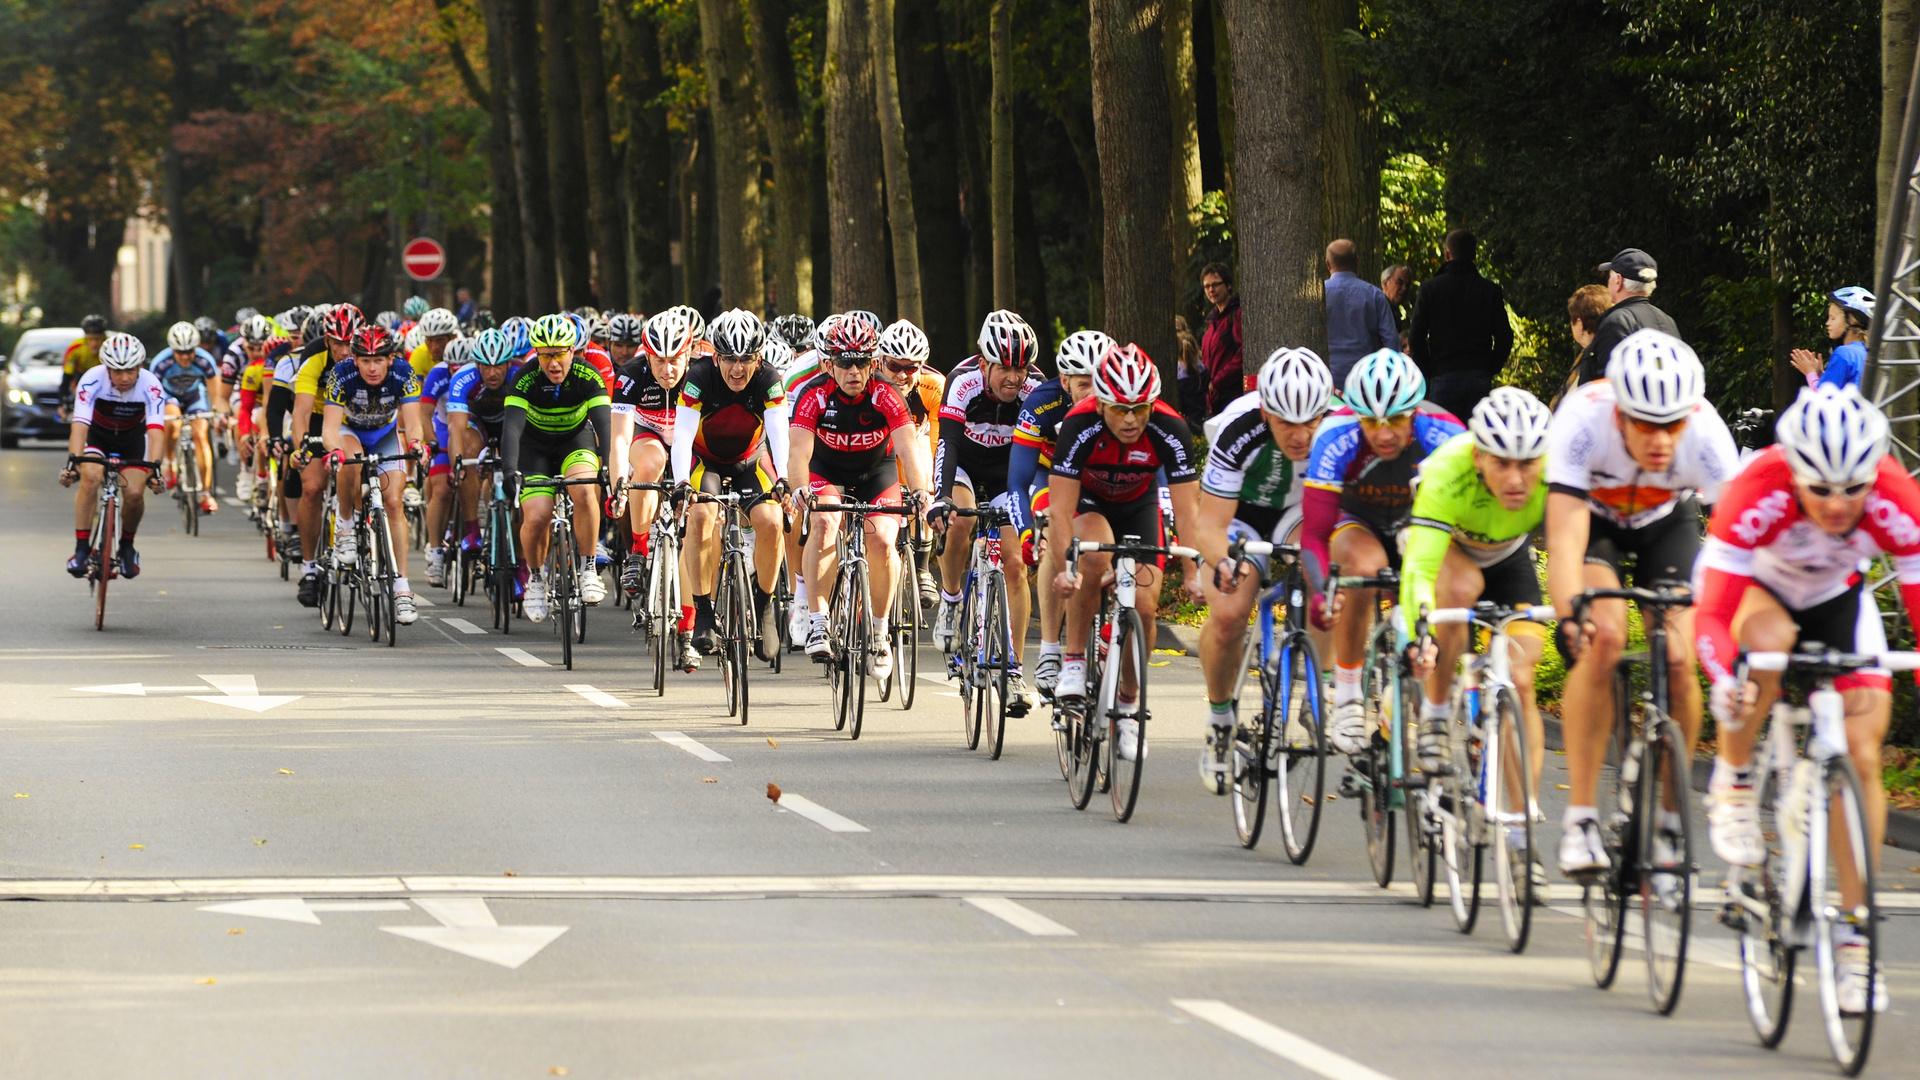 Radrennen Straßenrennen 02